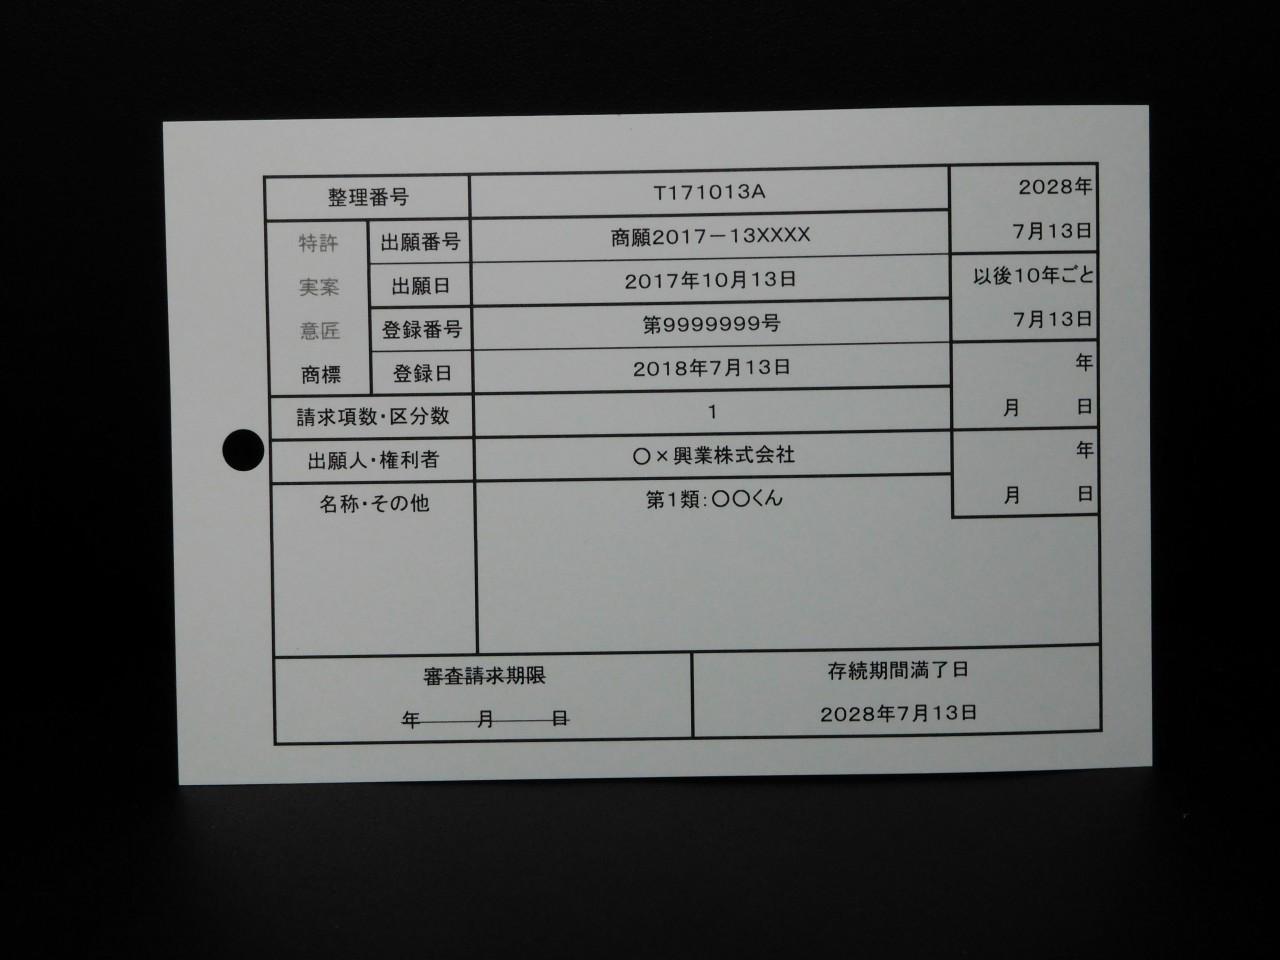 知財管理カード(商標登録)